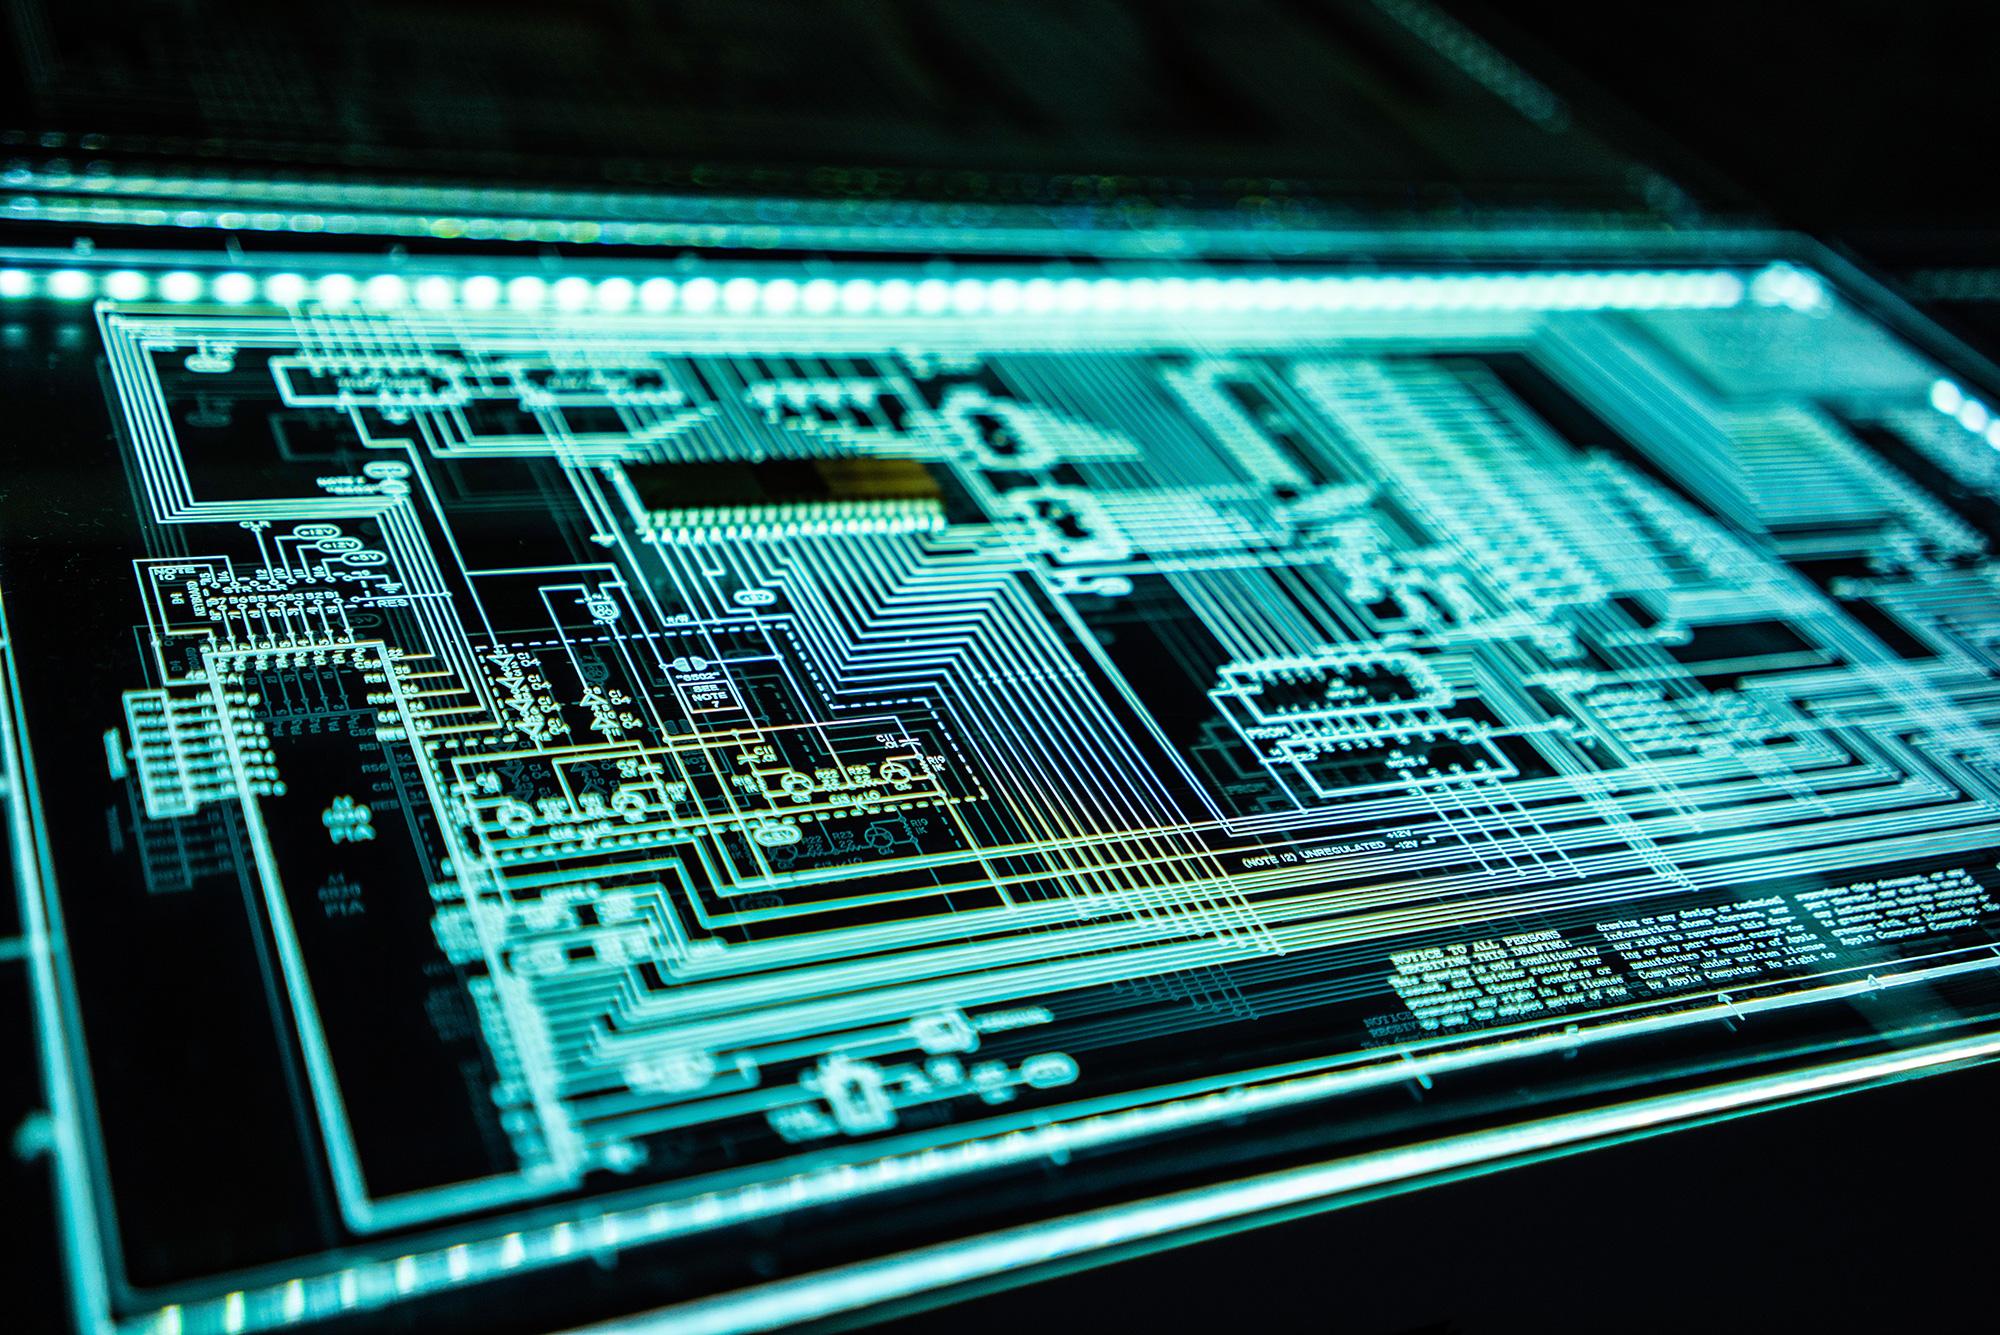 Diseño, desarrollo y fabricación de un TAG semi-pasivo de bajo coste con una batería imprimible integrada en un RFID